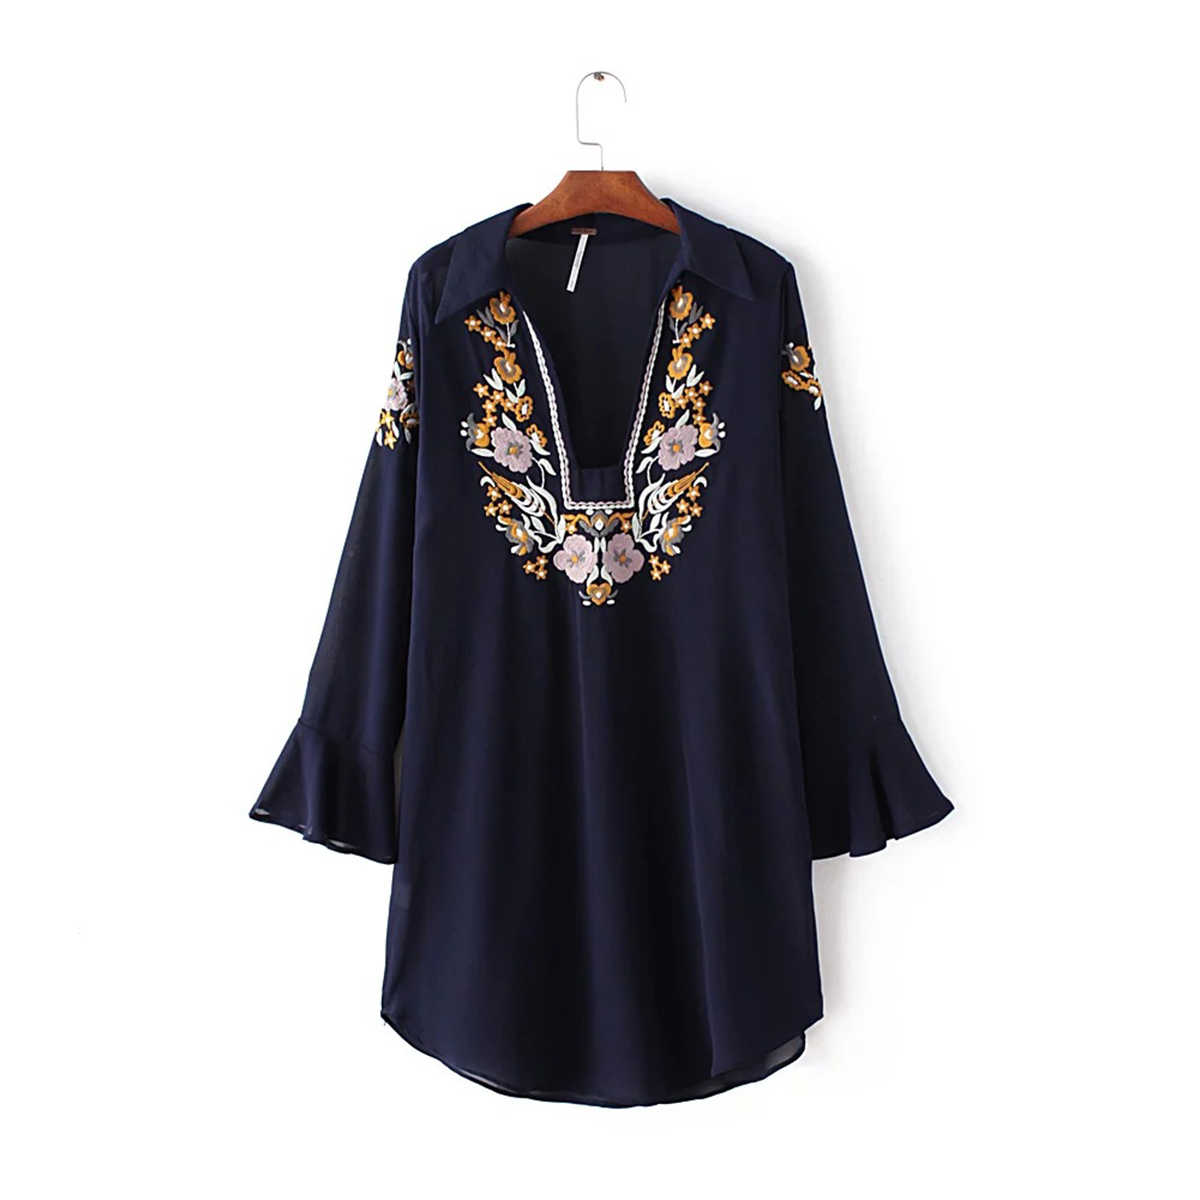 Jastie V-צוואר התלקחות שרוול ארוך חולצה חולצה פרחוני רקמה למעלה שיפון נשים חולצות חולצות מקרית Boho חוף חולצות Blusas